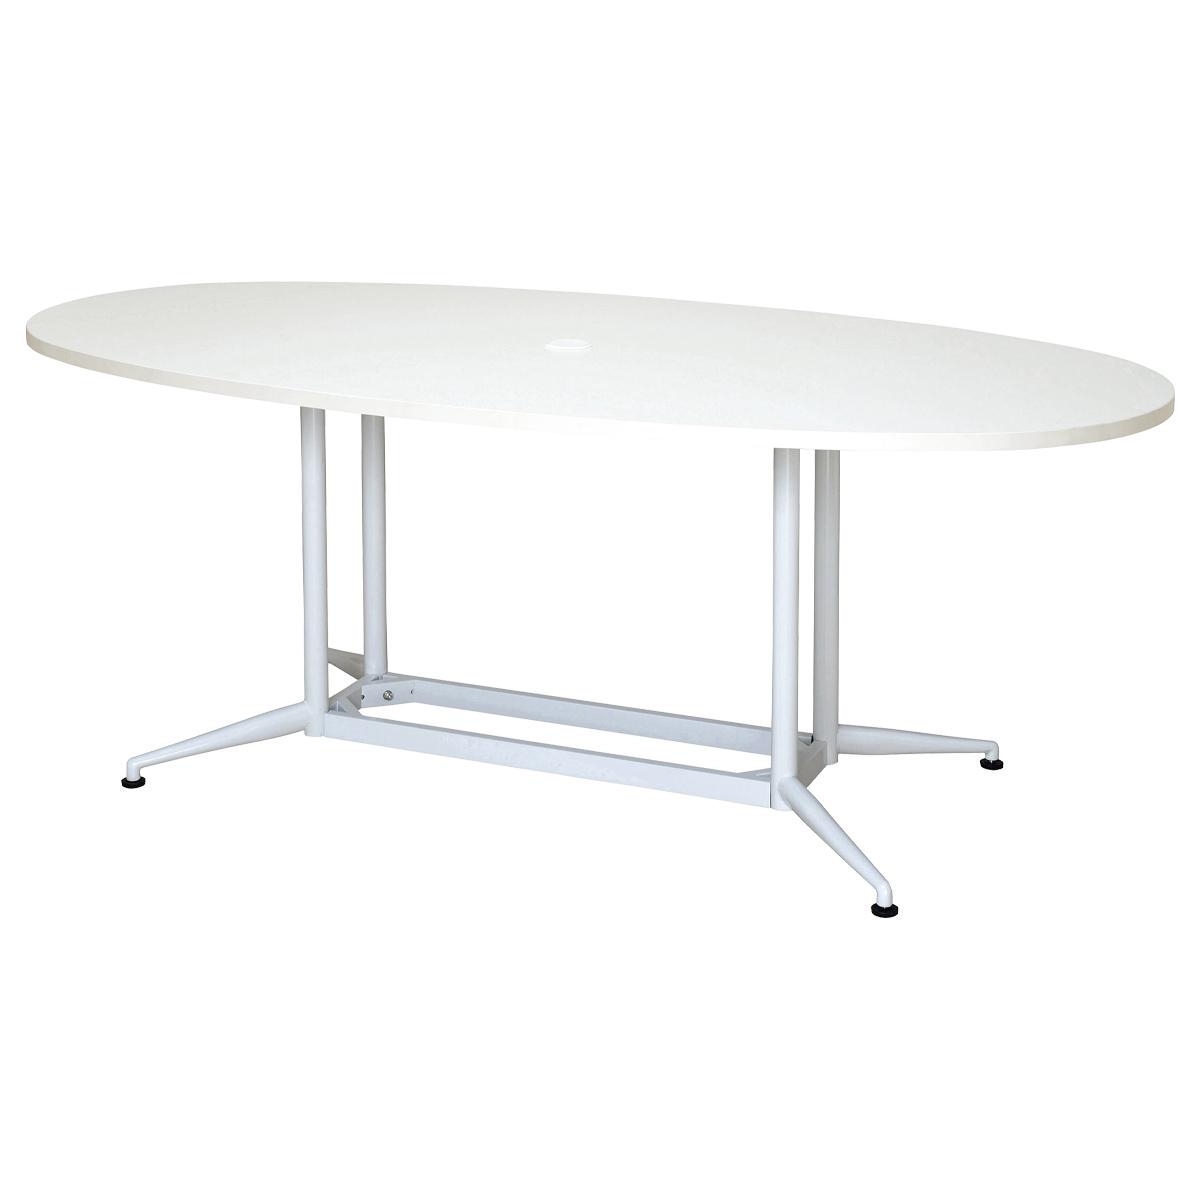 OAオーバルテーブル W1800 D900 H700 ホワイト テーブル ミーティングテーブル RYシリーズ オフィス家具 オフィステーブル 会議用テーブル パソコン キャップ プ